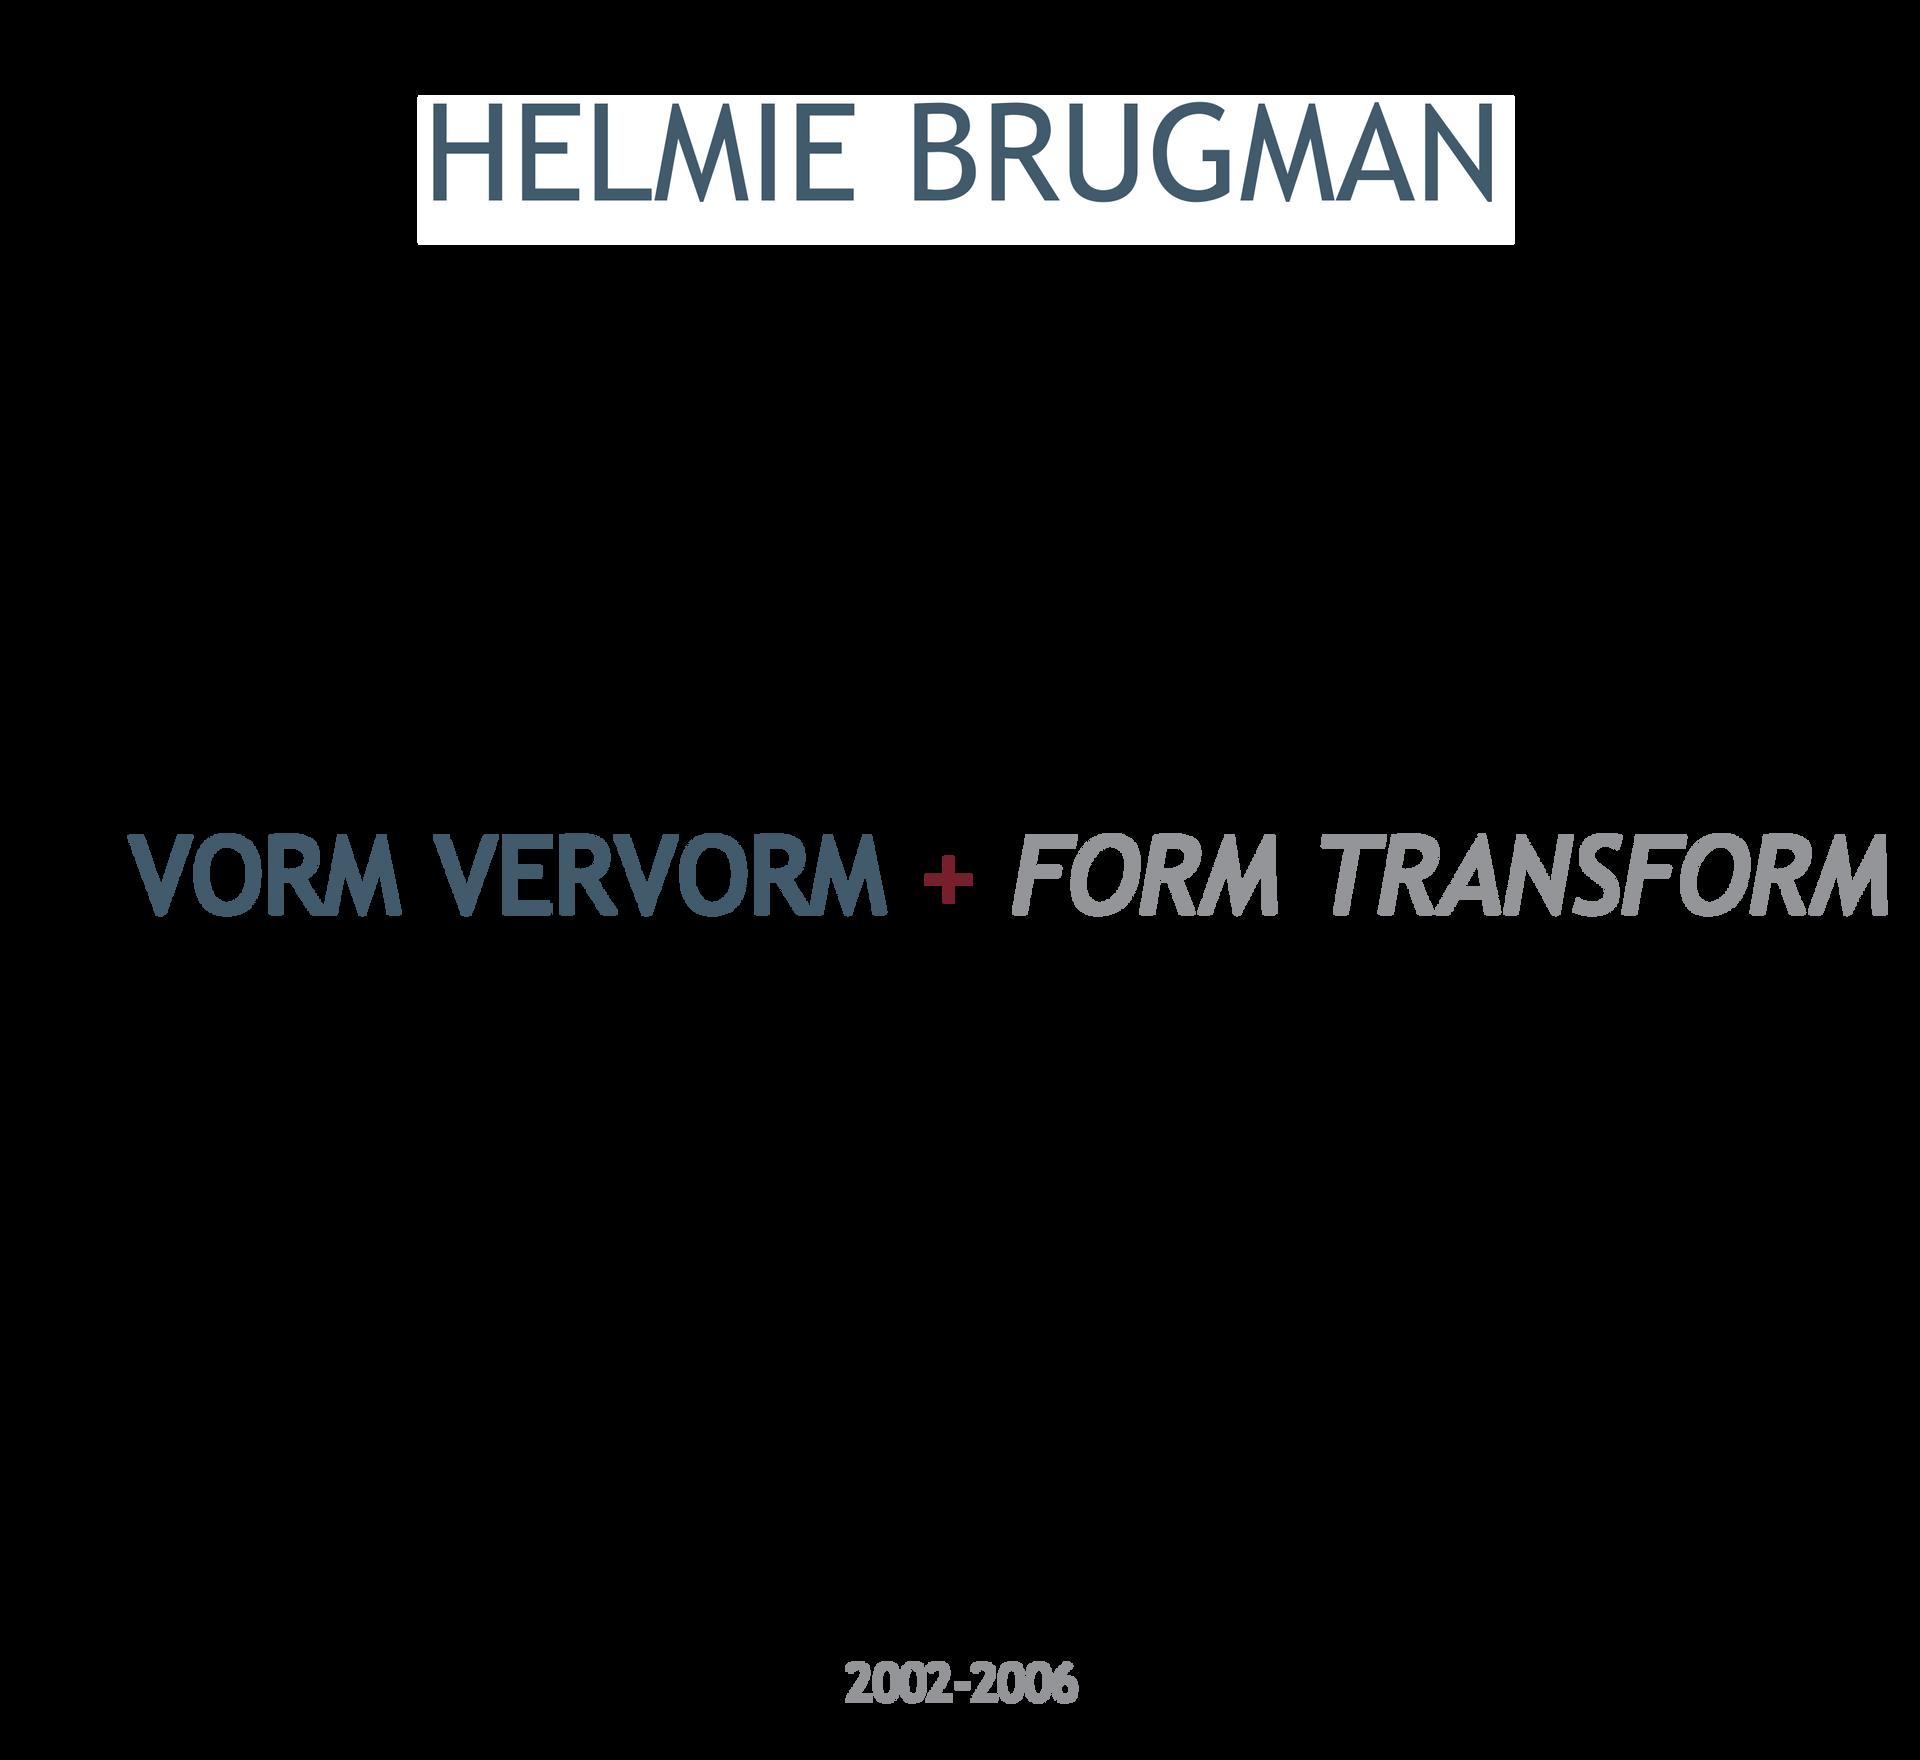 VORM+VERVORM-2-1de20e_14a0bd1b7bca46de92